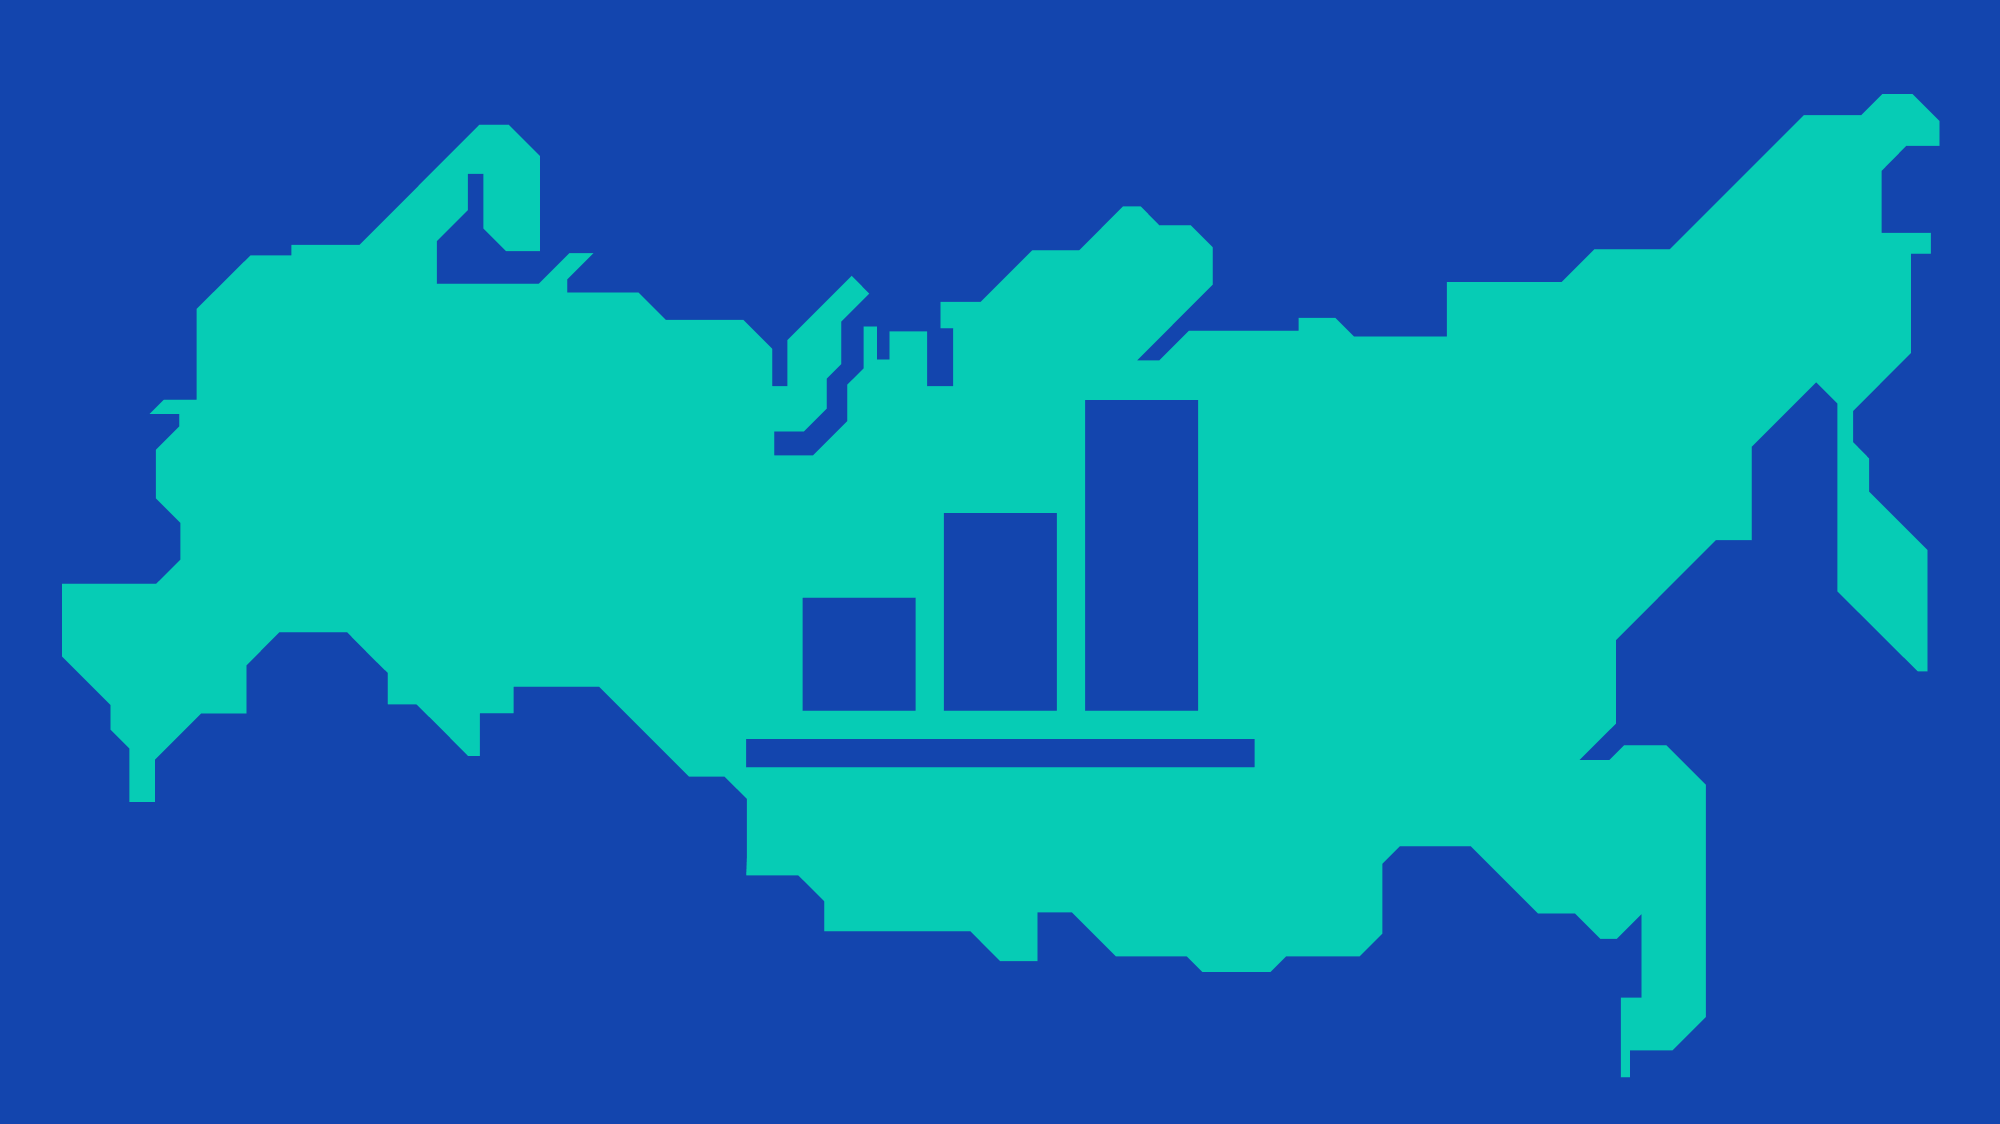 Общенациональный план действий по восстановлению российской экономики